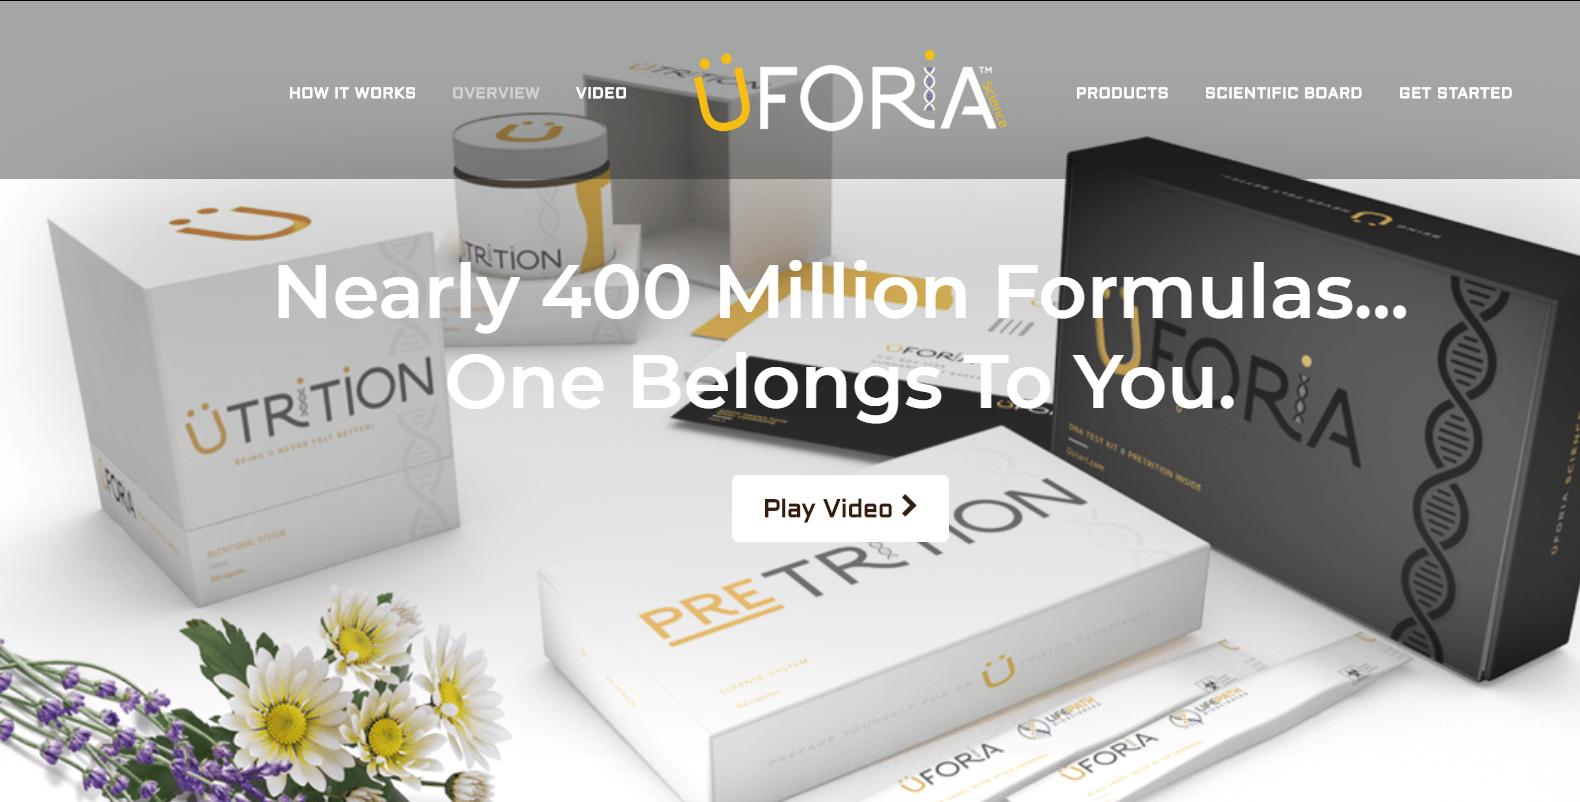 uforia website